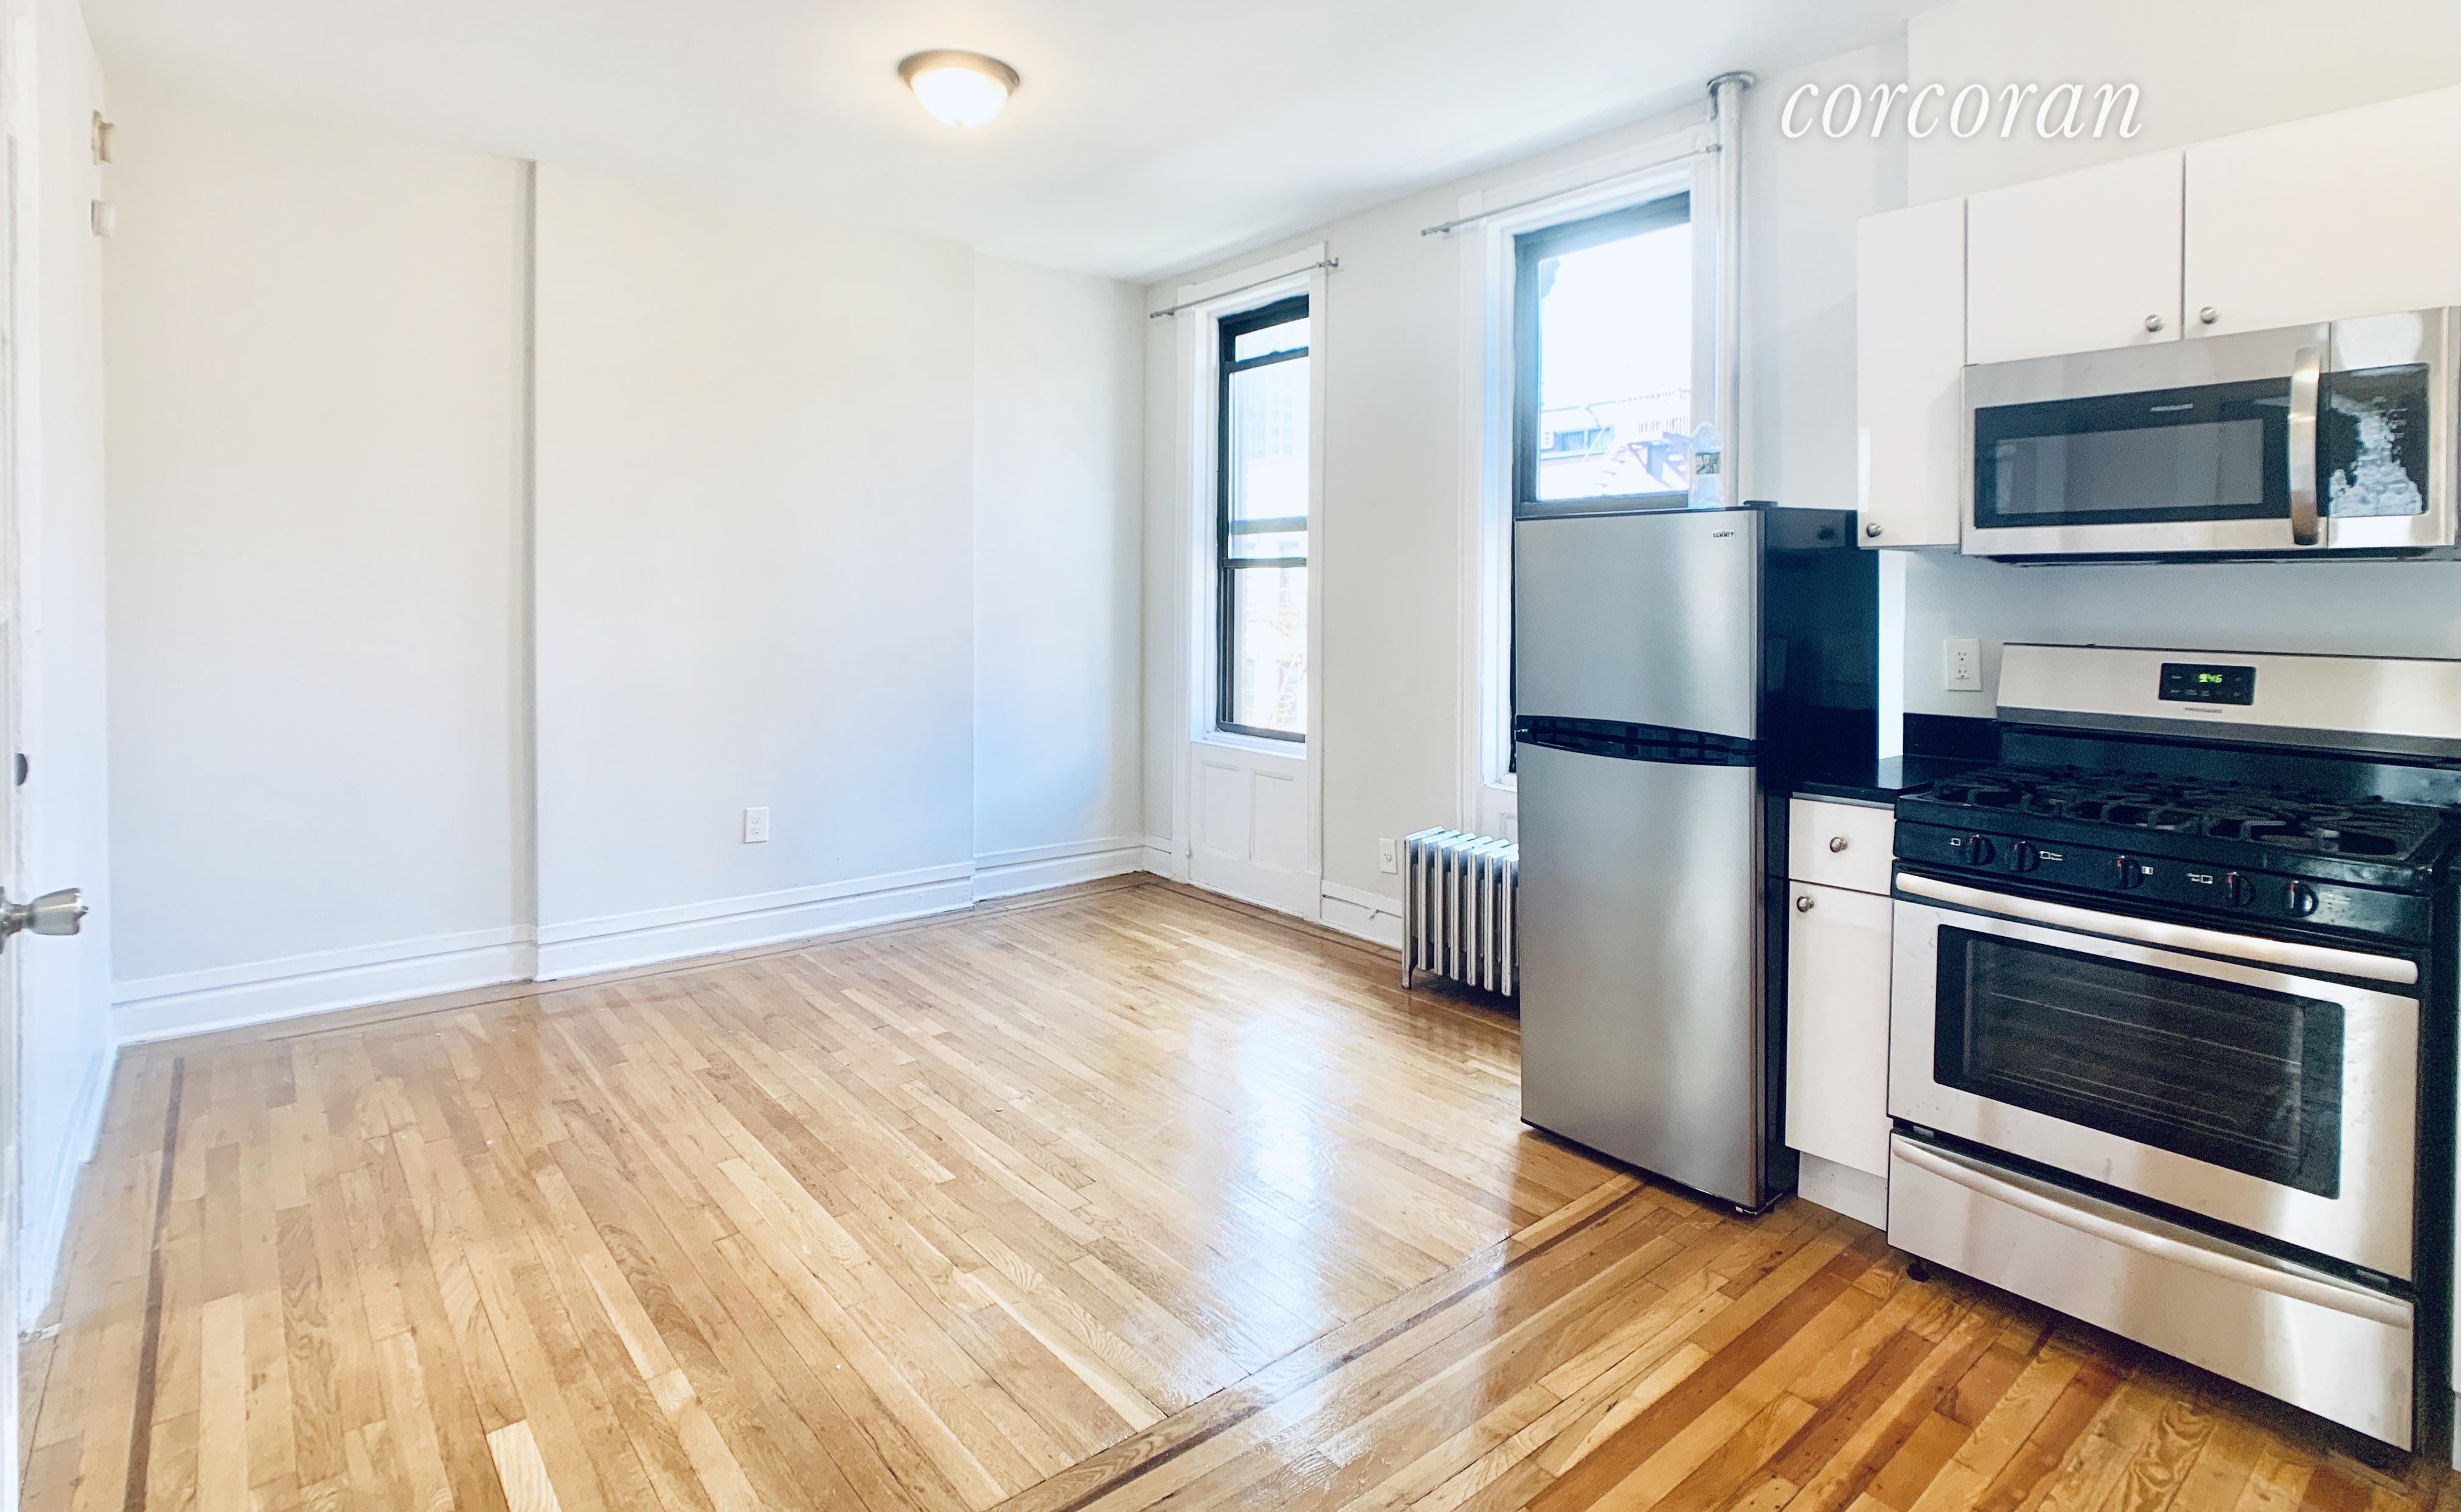 301 East 91st Street